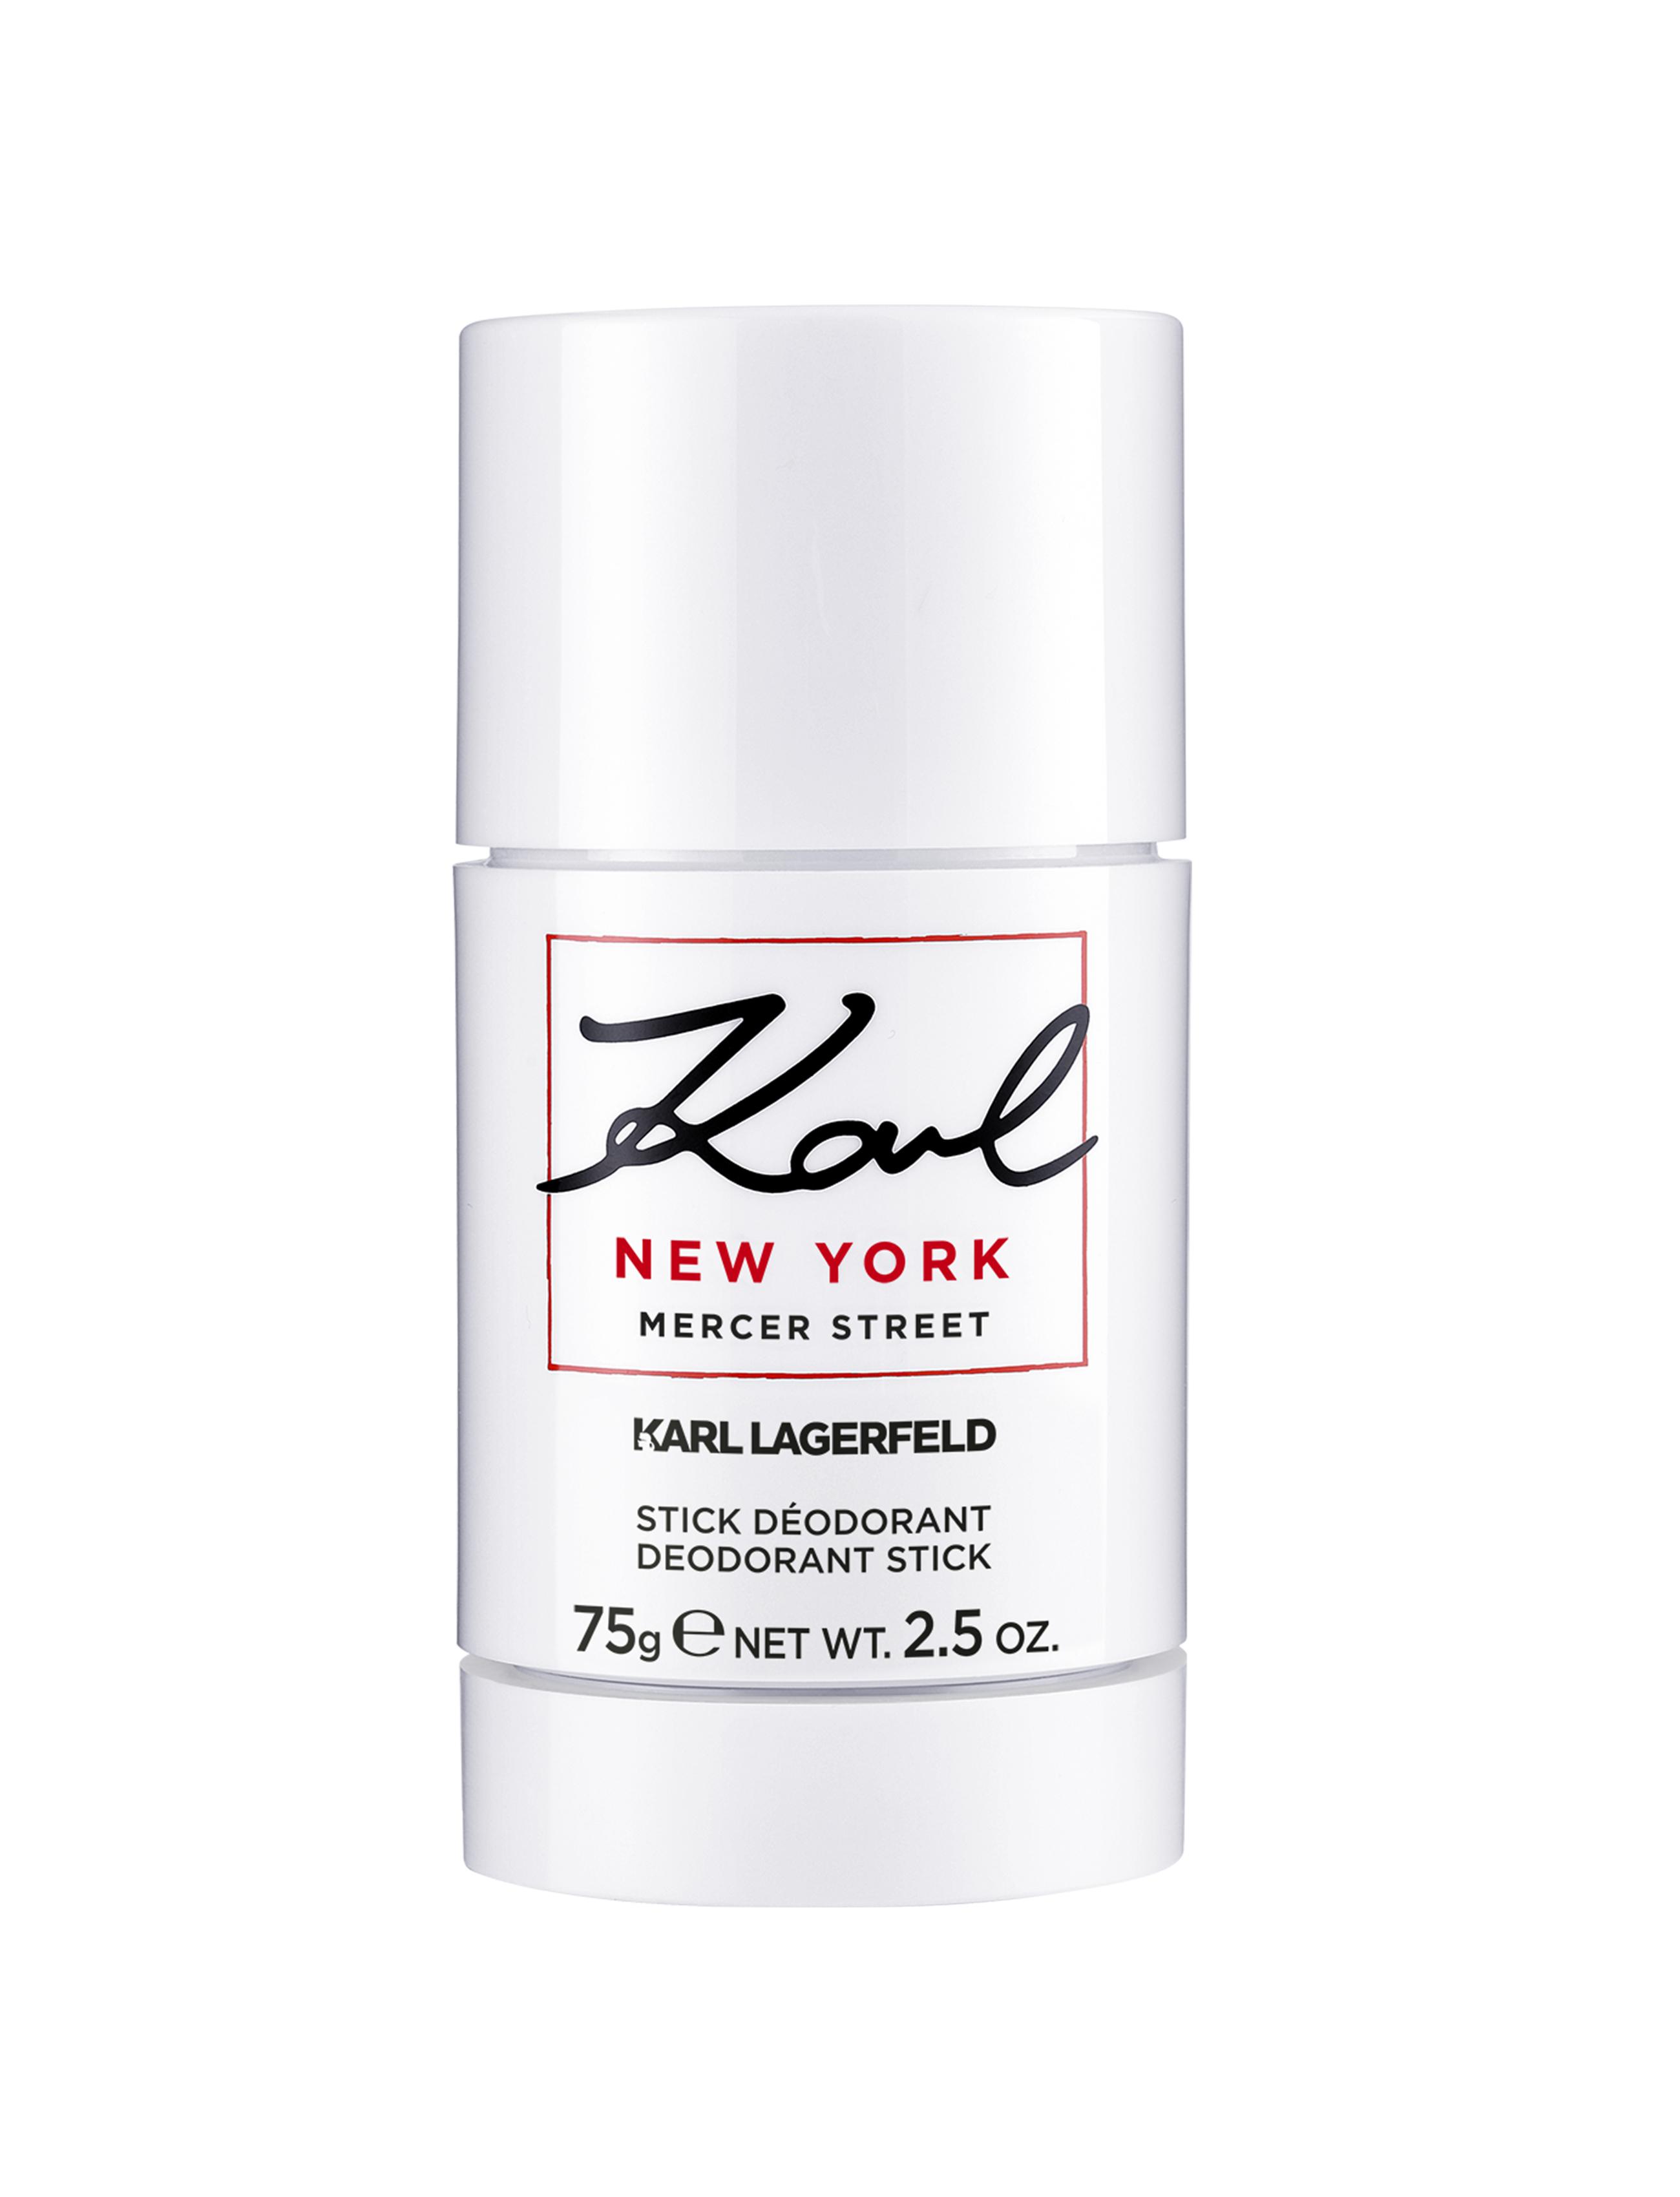 Karl Lagerfeld N.Y. Mercer Street Deodorant Stick, 75 g